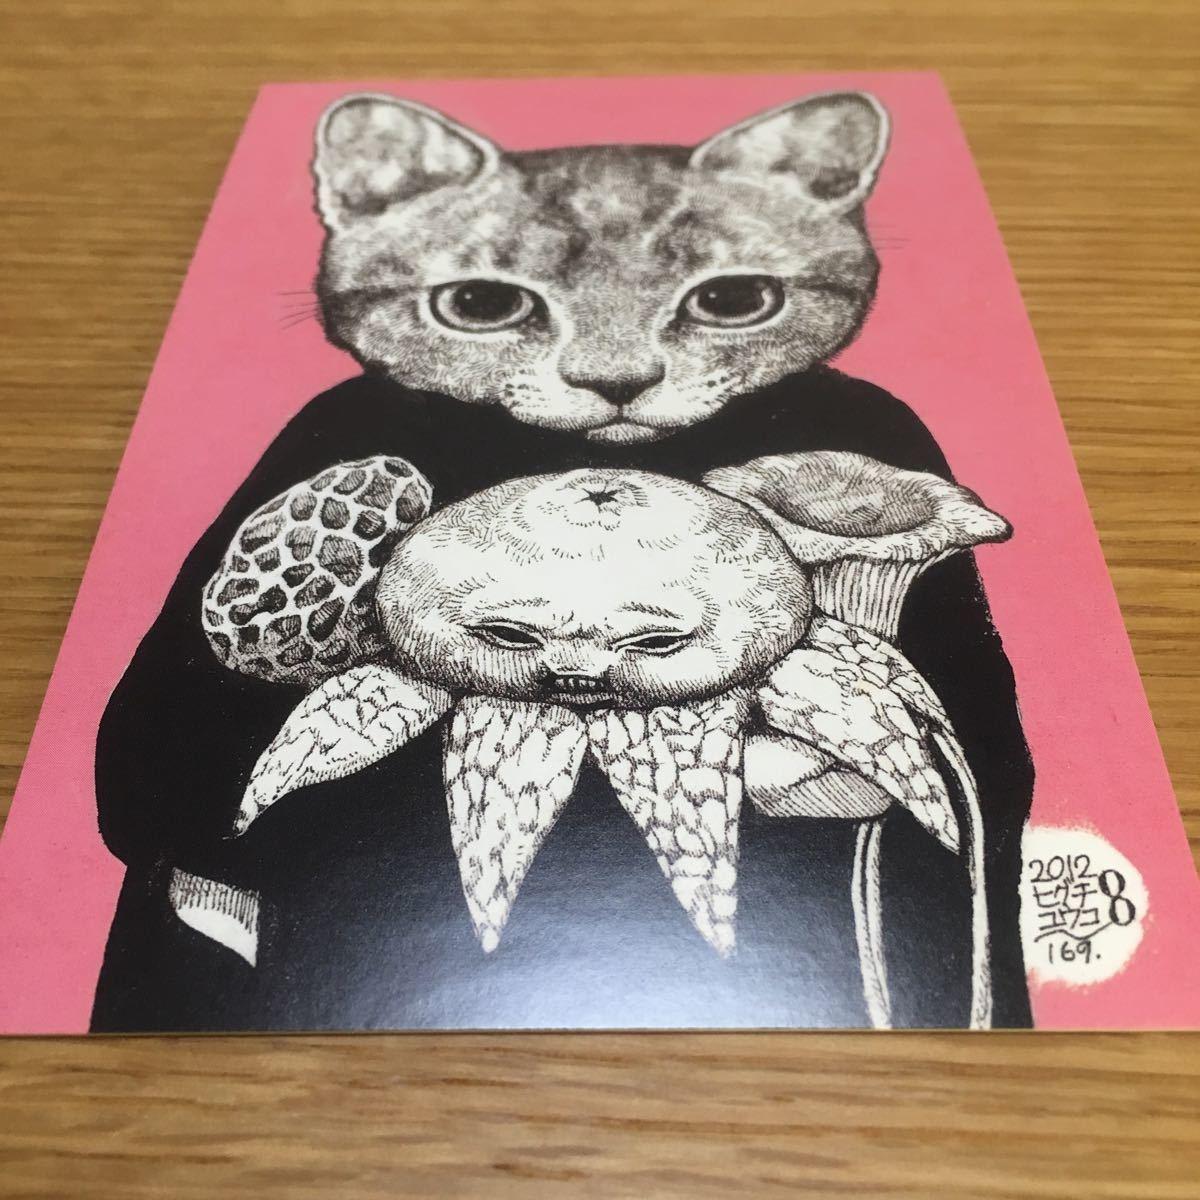 ヒグチユウコ ネコ ポストカード 葉書 ハガキ はがき メッセージカード 猫 ねこ 動物 ピンク 75_画像1